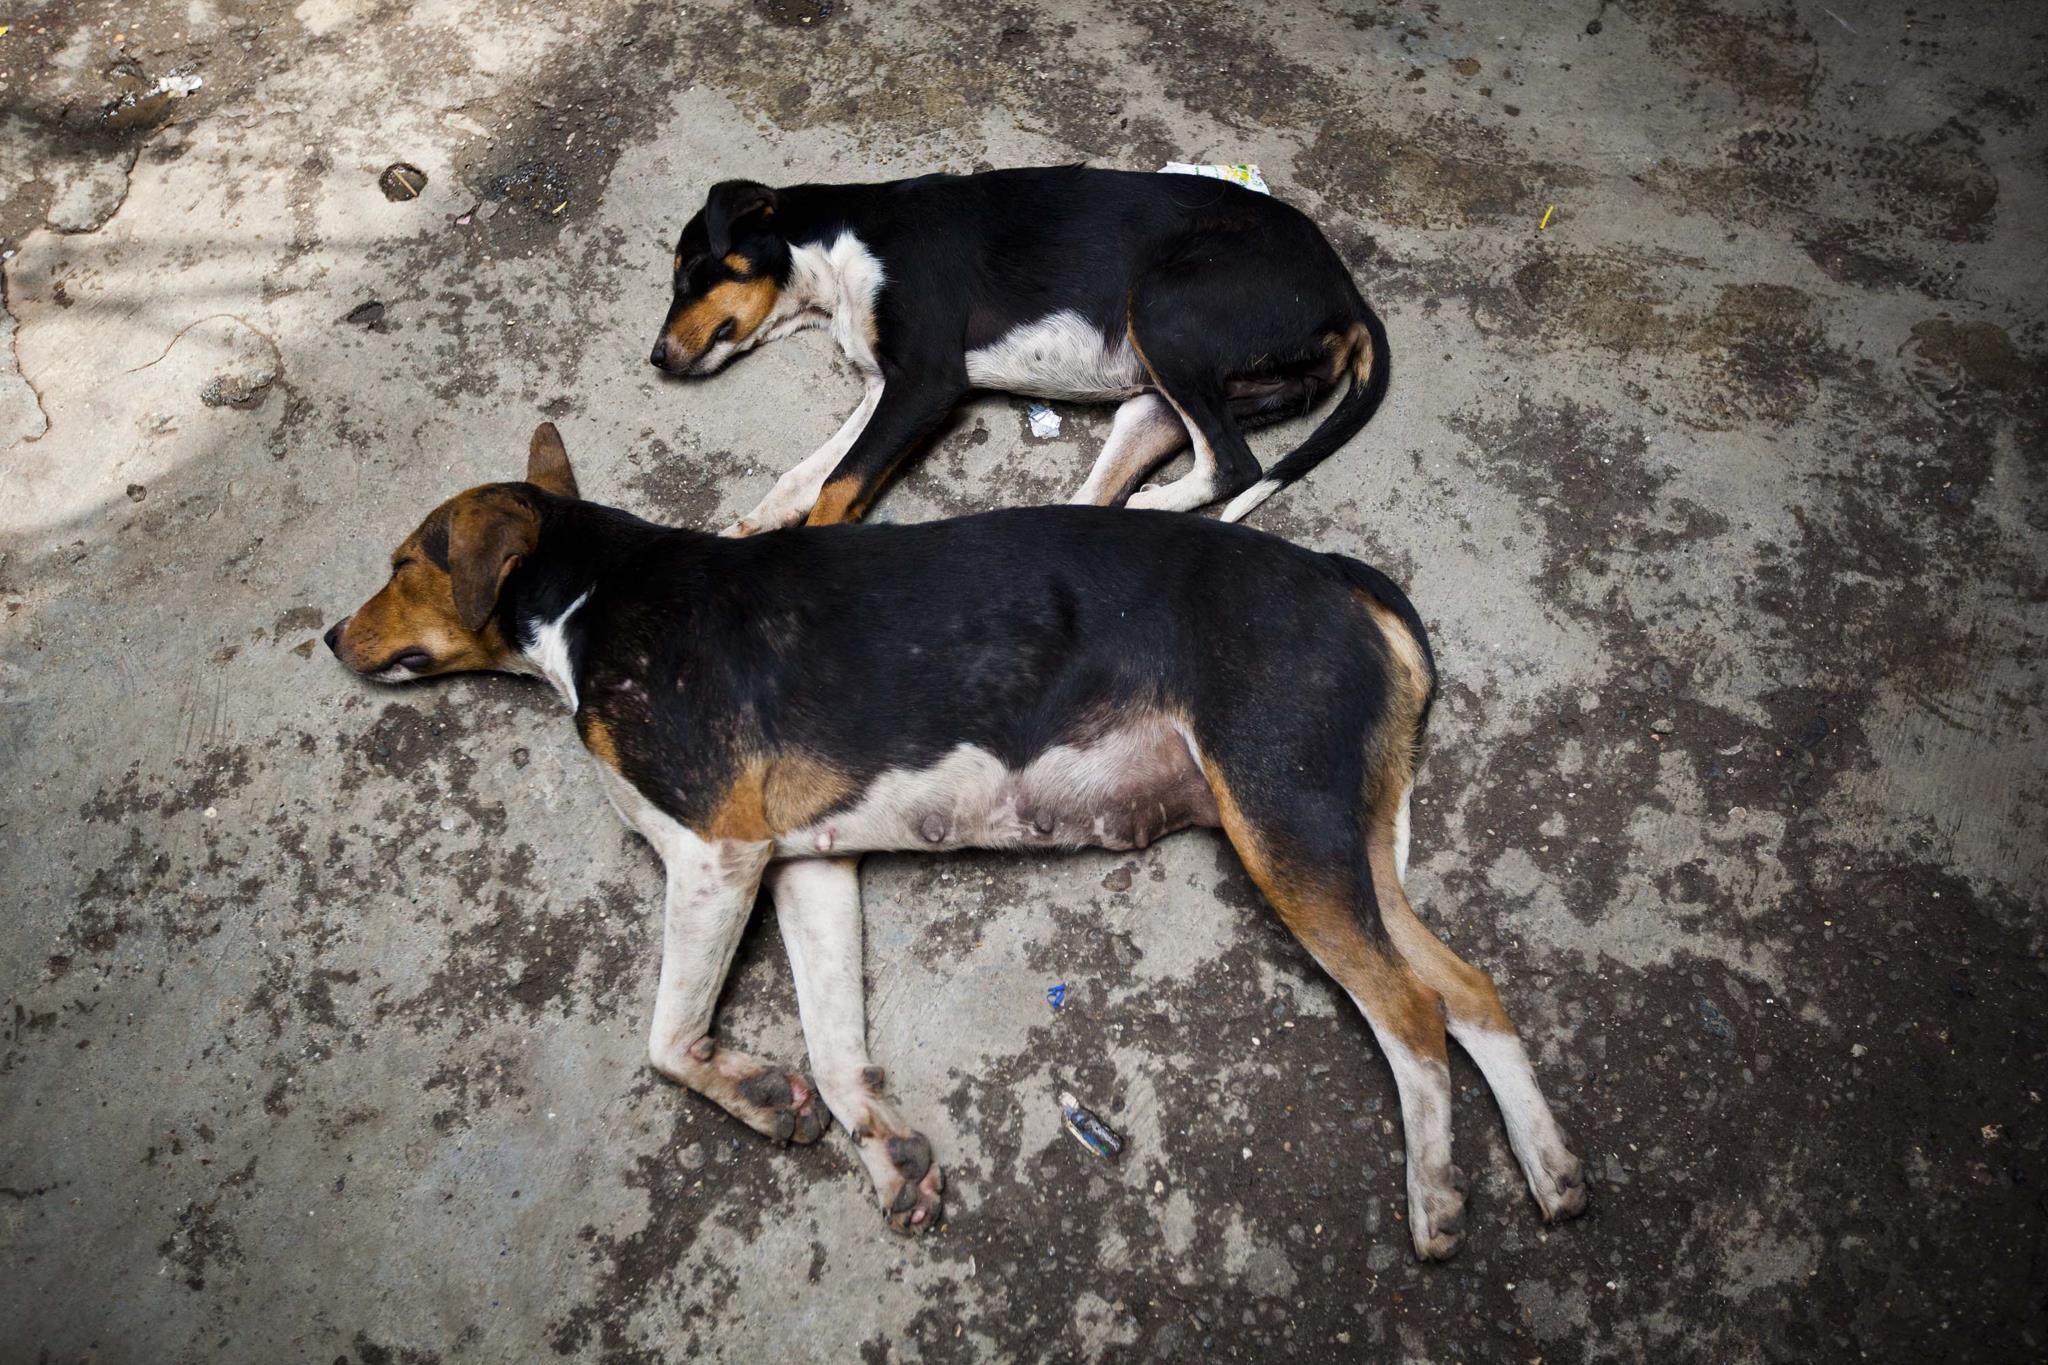 PÚBLICO - Queixas sobre falta de civismo dos donos de animais aumentam em Matosinhos